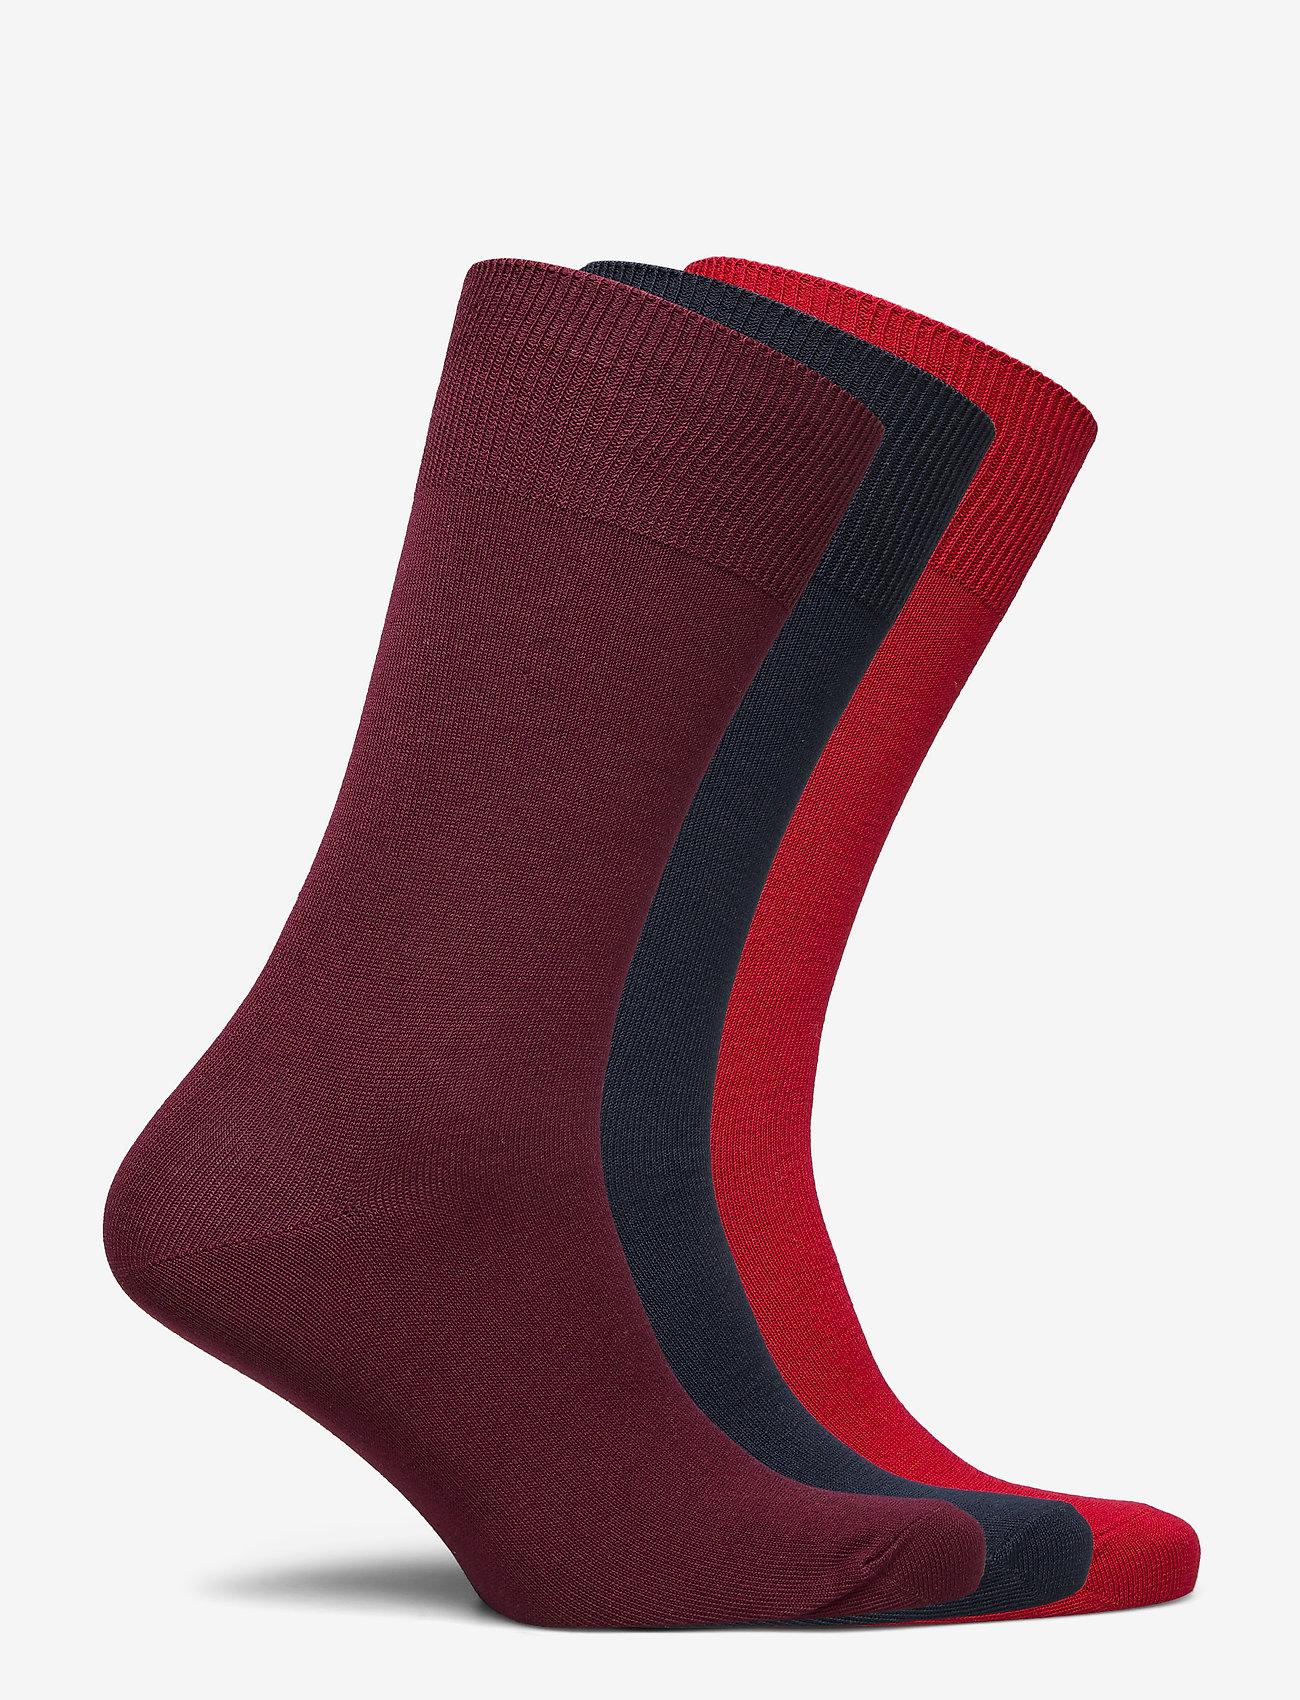 Polo Ralph Lauren Underwear - Cotton-Blend Sock 3-Pack - regular socks - rd/nvy/red - 1